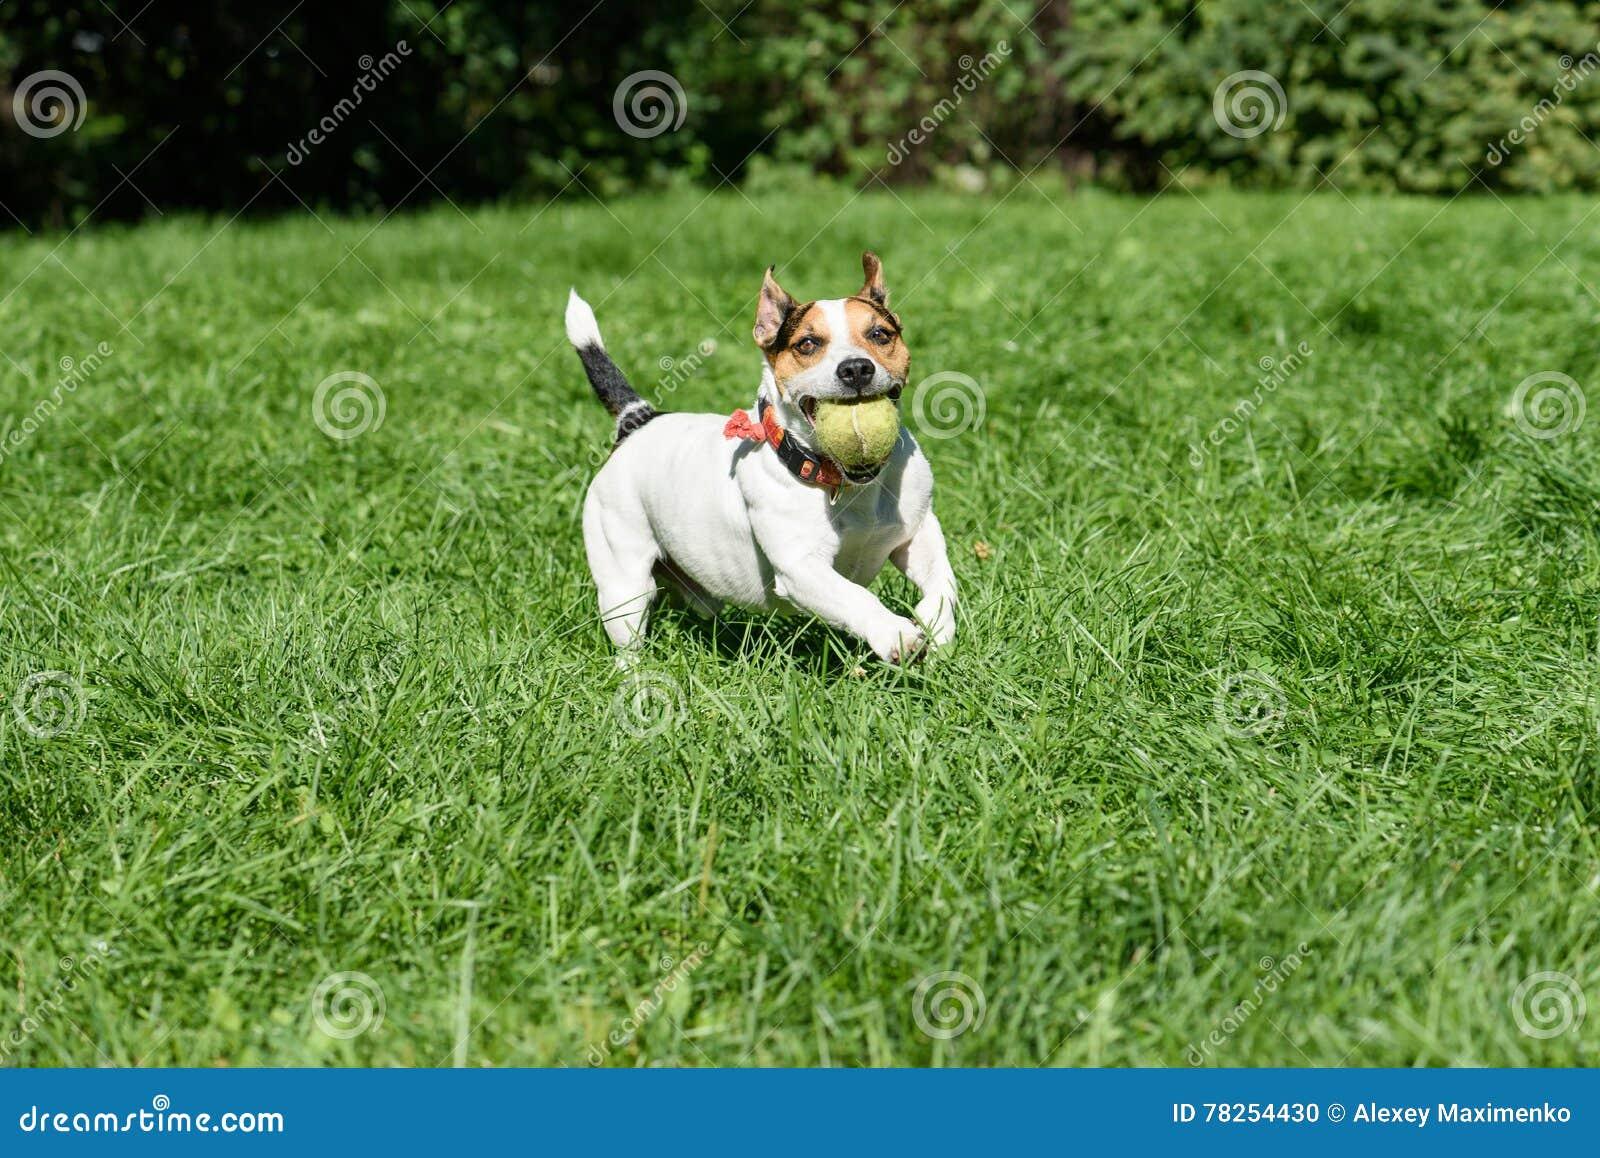 Παίζοντας και φέρνοντας αντισφαίρισης σφαιρών παιχνίδι σκυλιών